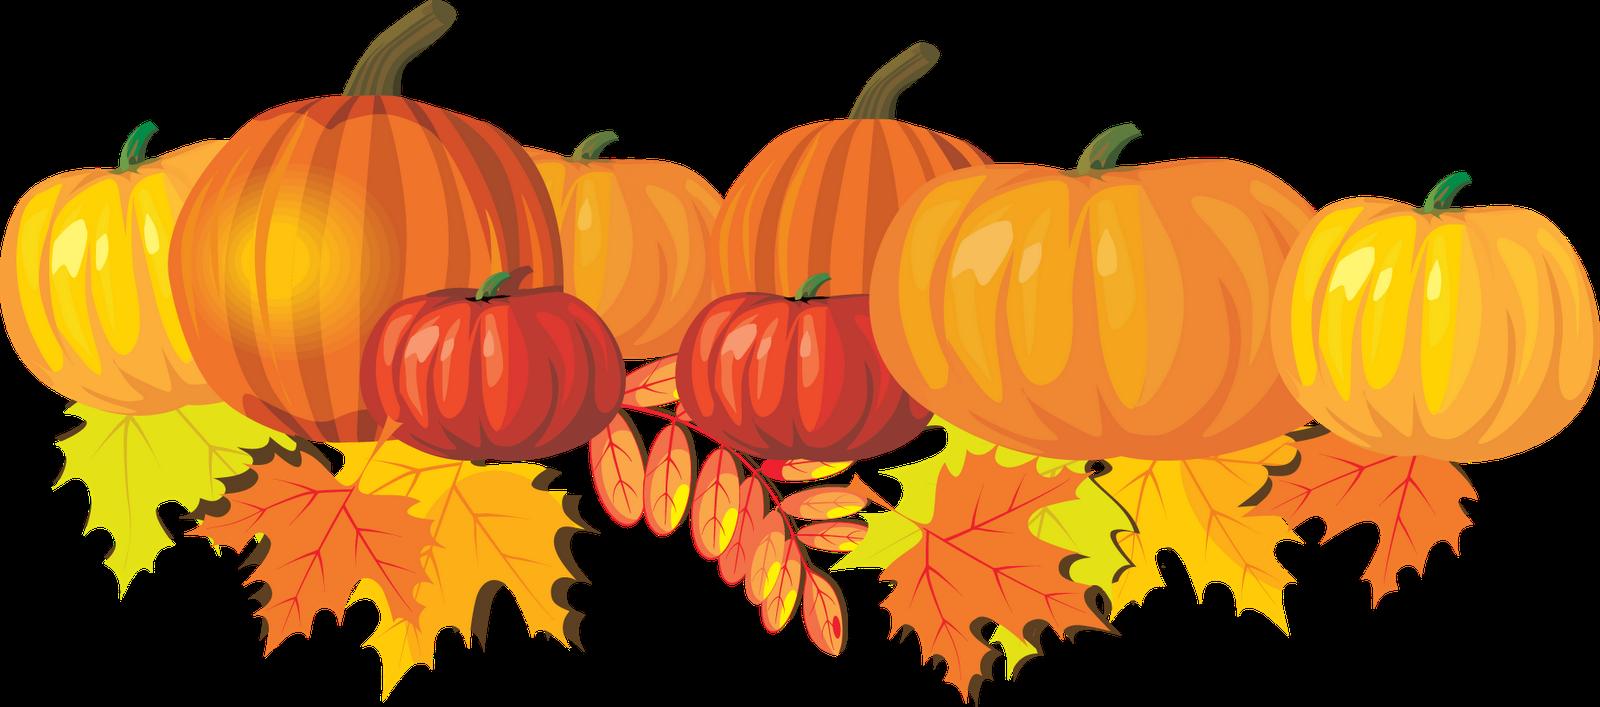 September Leaves Clip Art Fre - Fall Images Clip Art